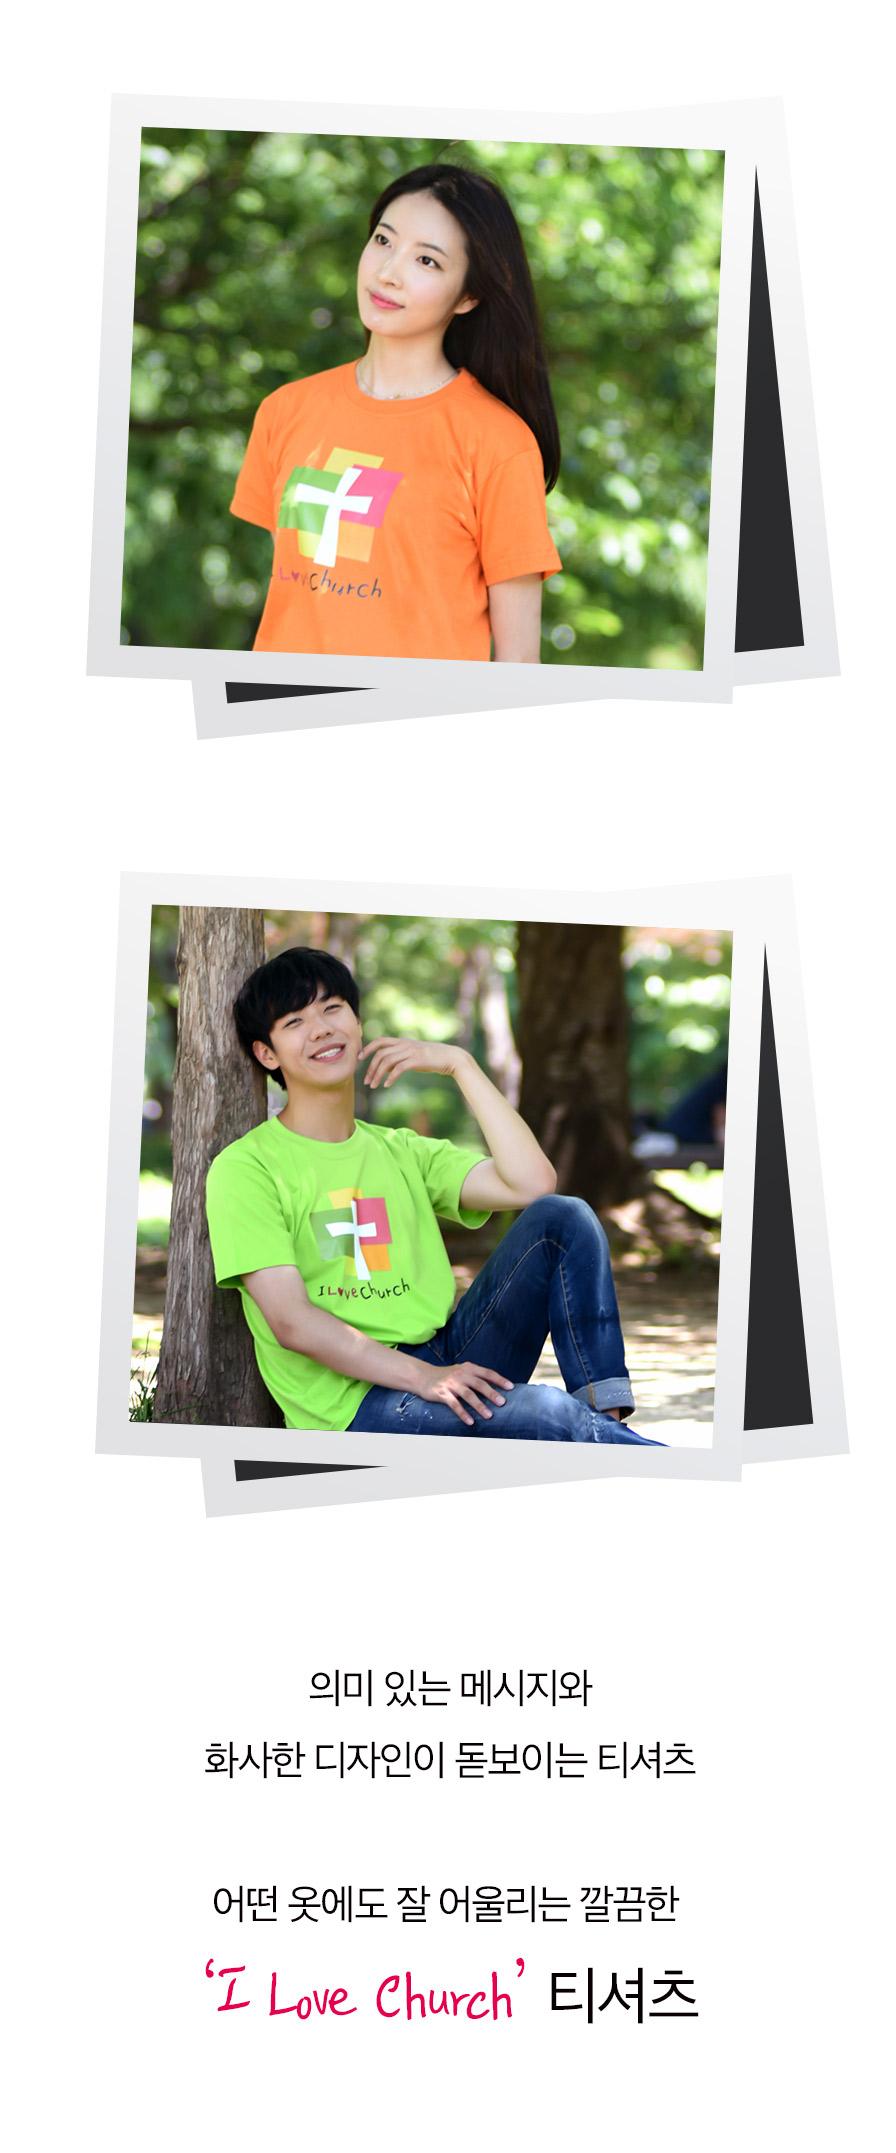 의미있는 메시지와 화사한 디자인이 돋보이는 티셔츠